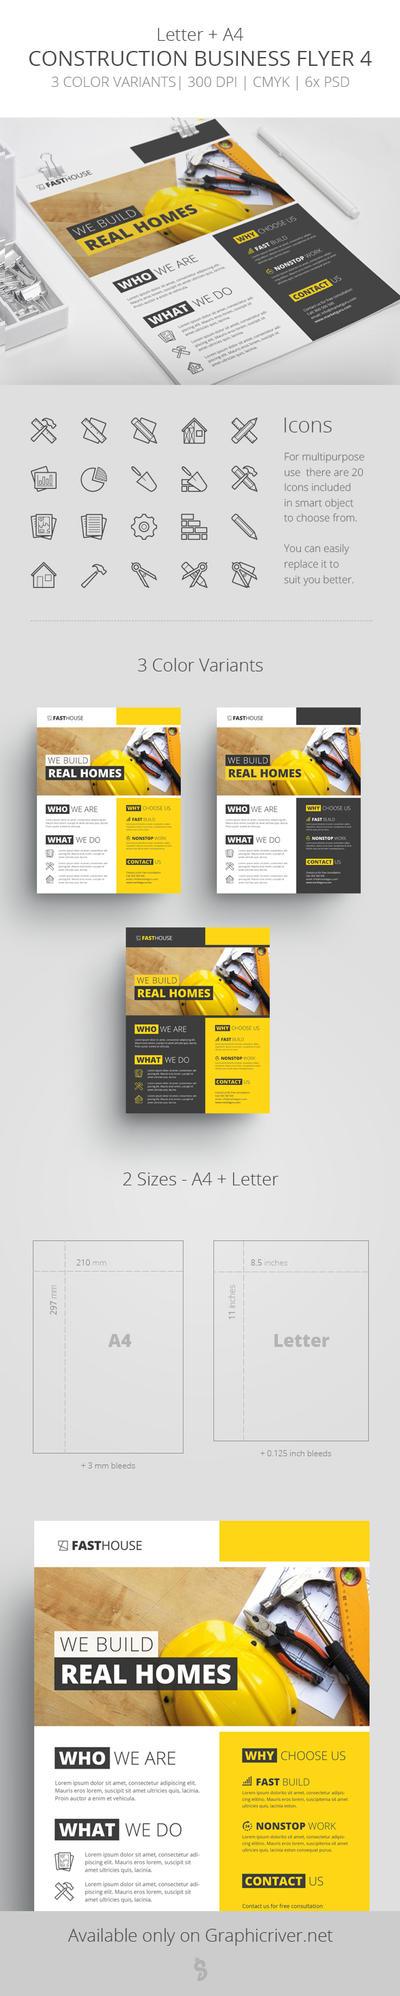 Construction Business Flyer 4 - Letter + A4 by survivorcz